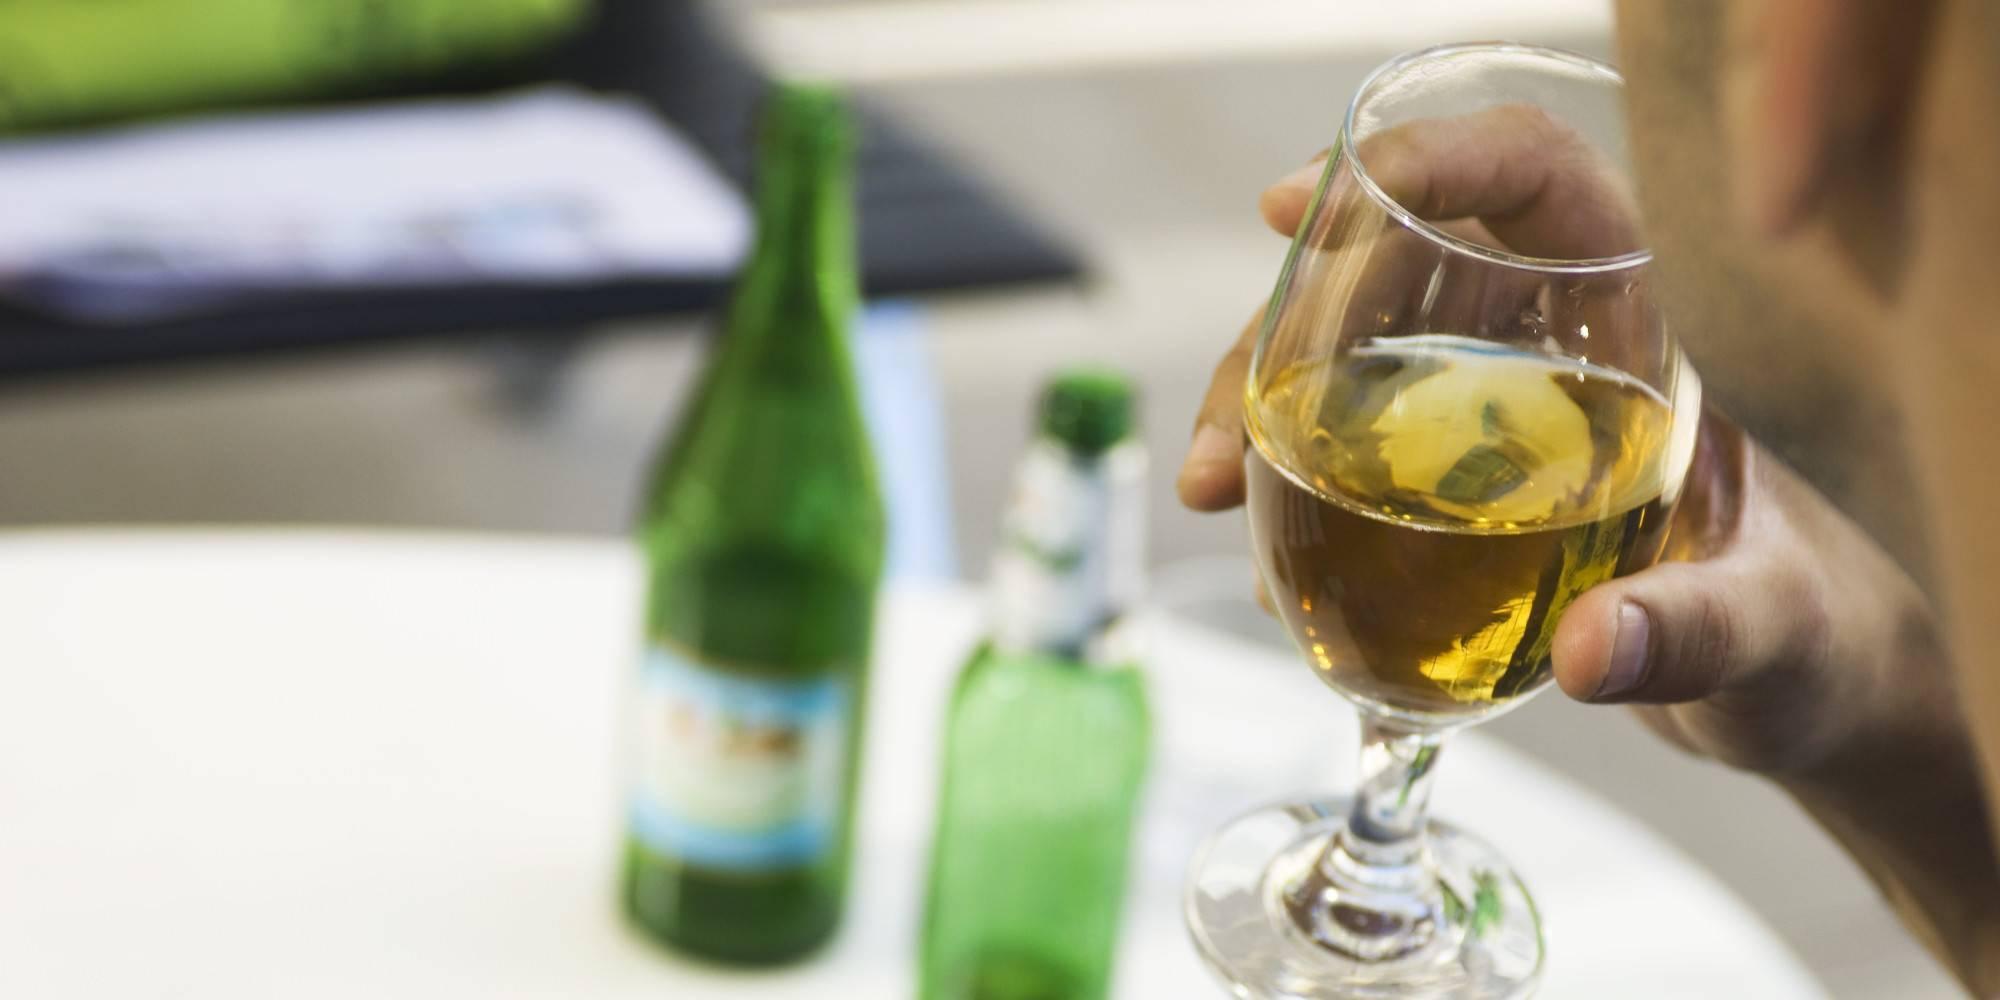 Проверенные народные средства для лечения алкоголизма в домашних условиях